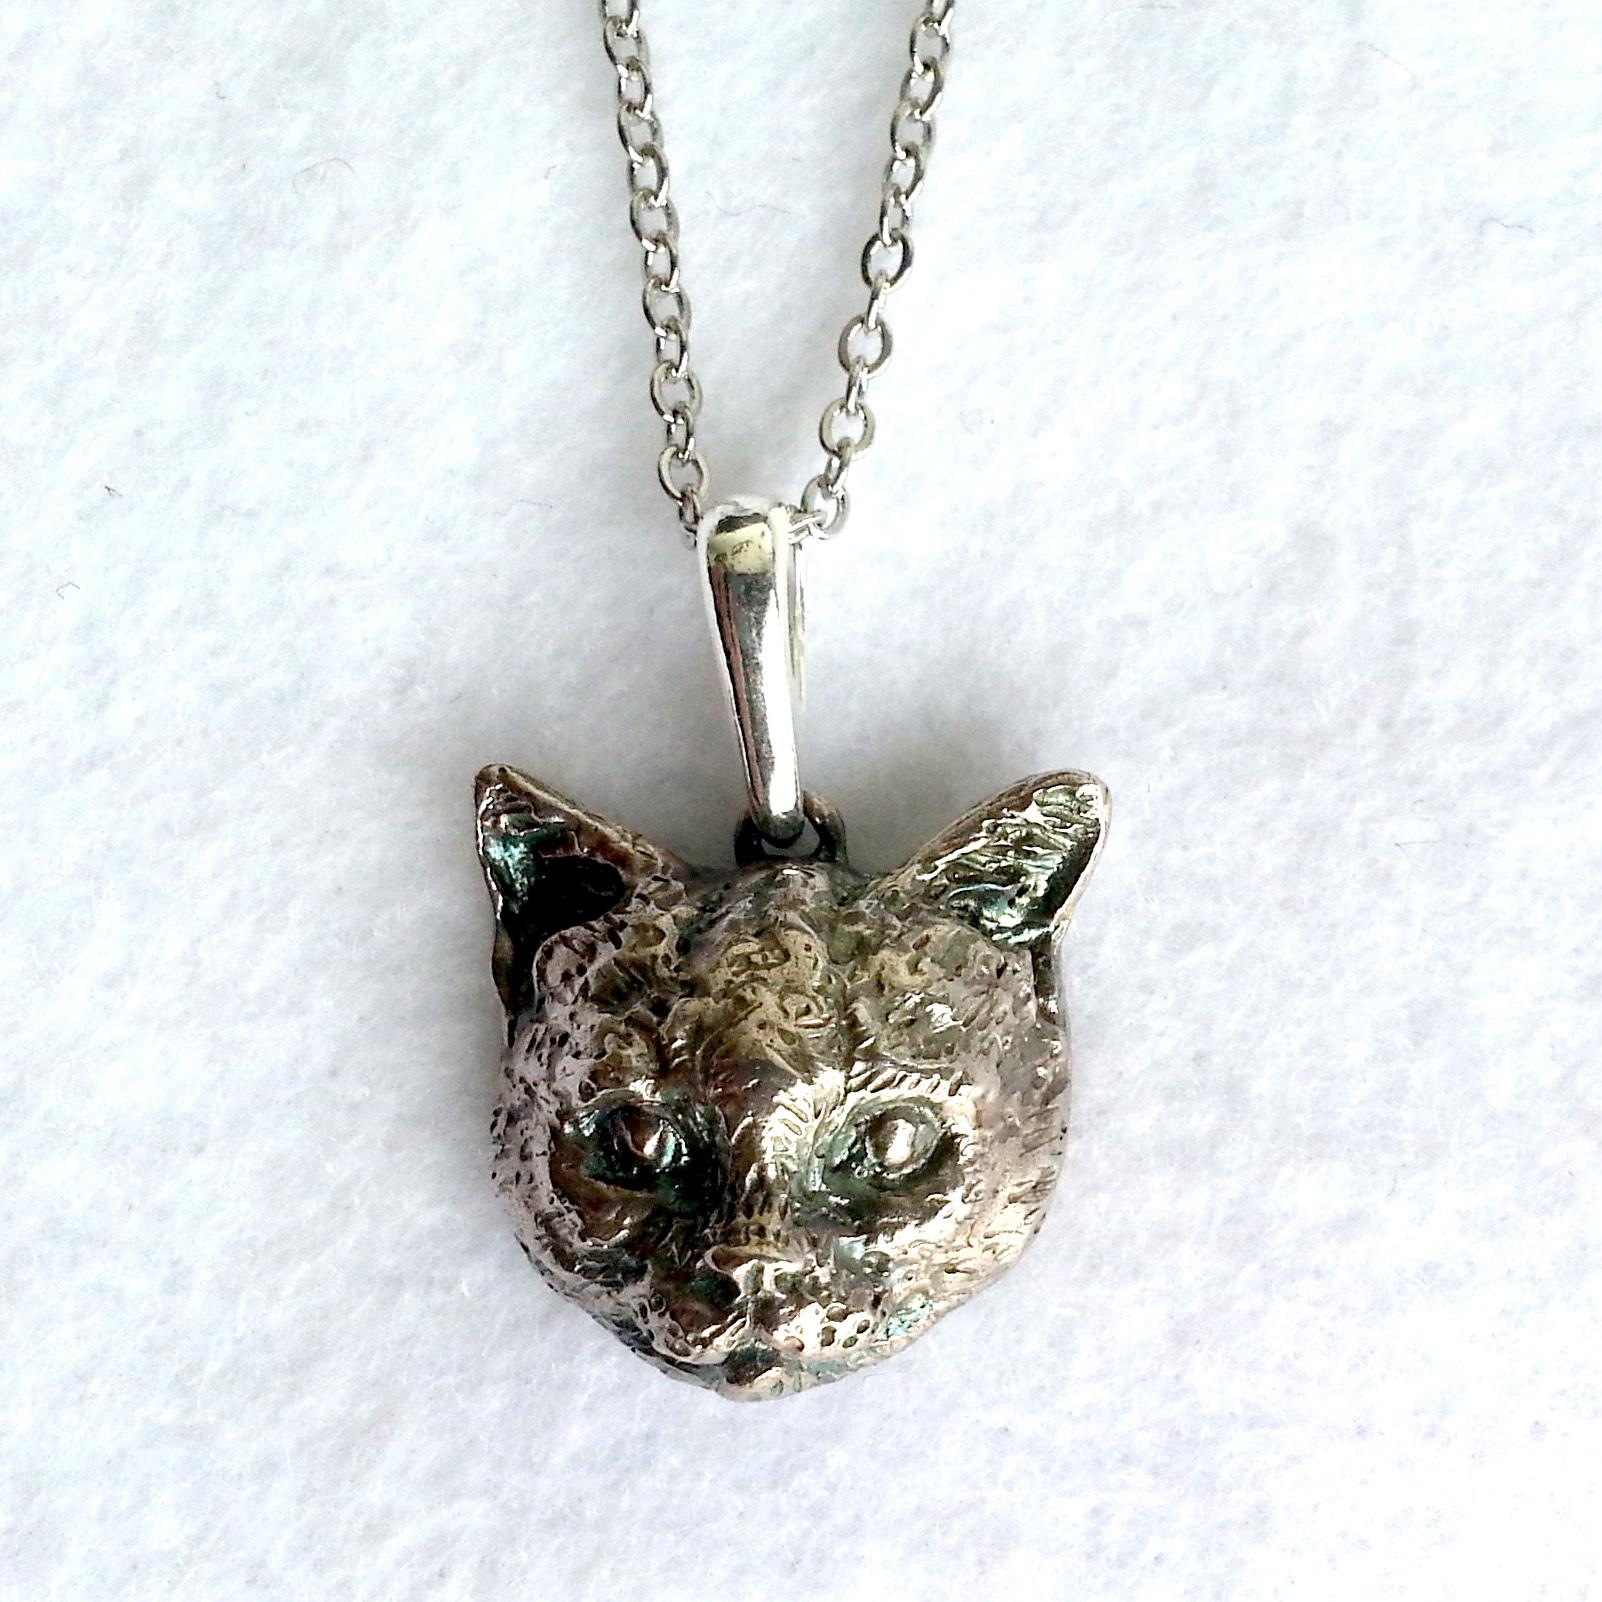 スッとしたネコ・silver925製ペンダント(猫・ネコ・にゃんこ・アメリカンショートヘア・日本猫・アメショ)